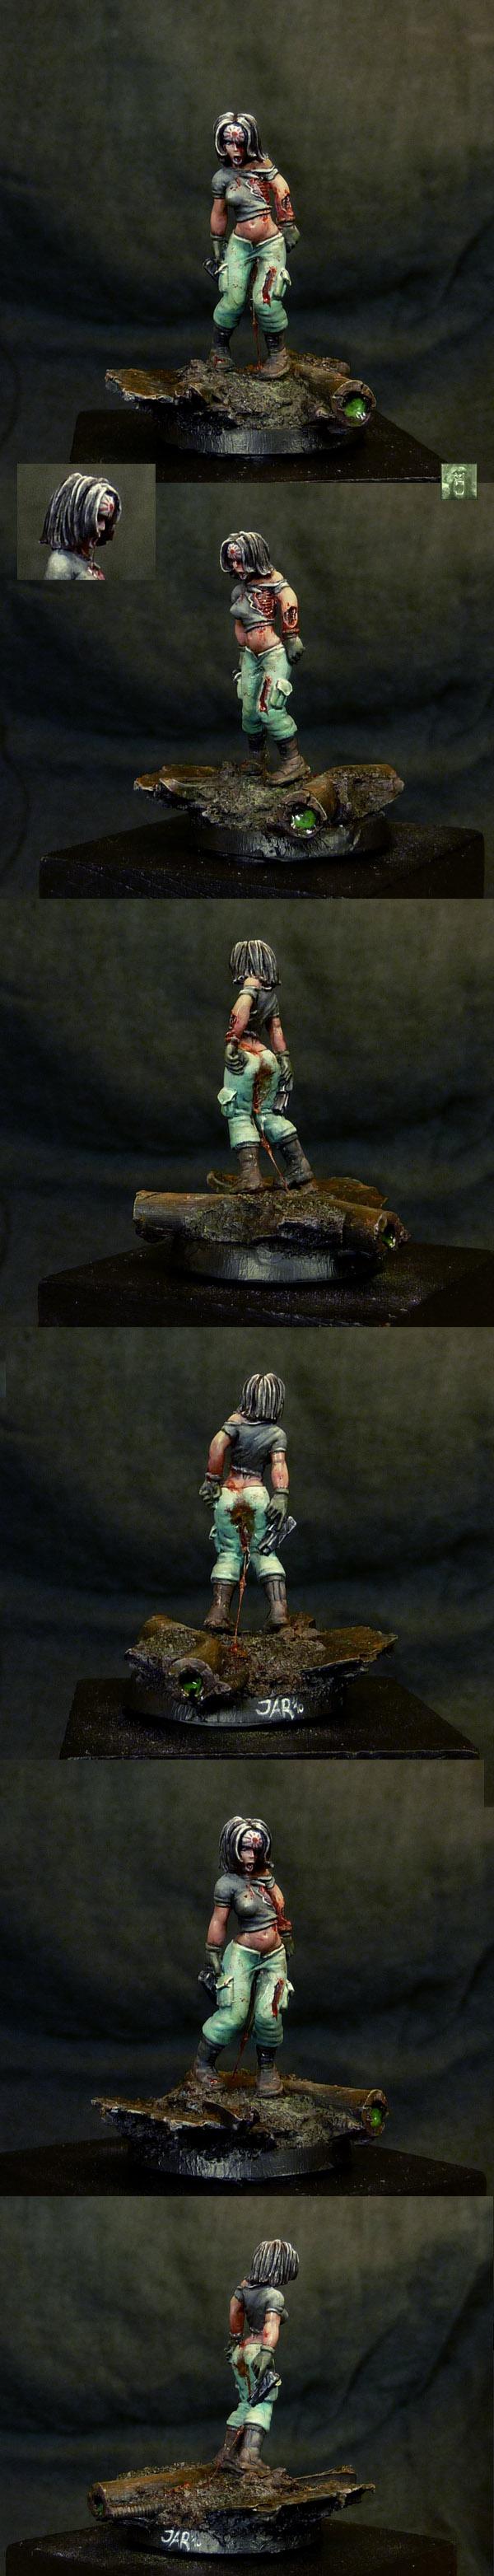 Zombie Ashlee